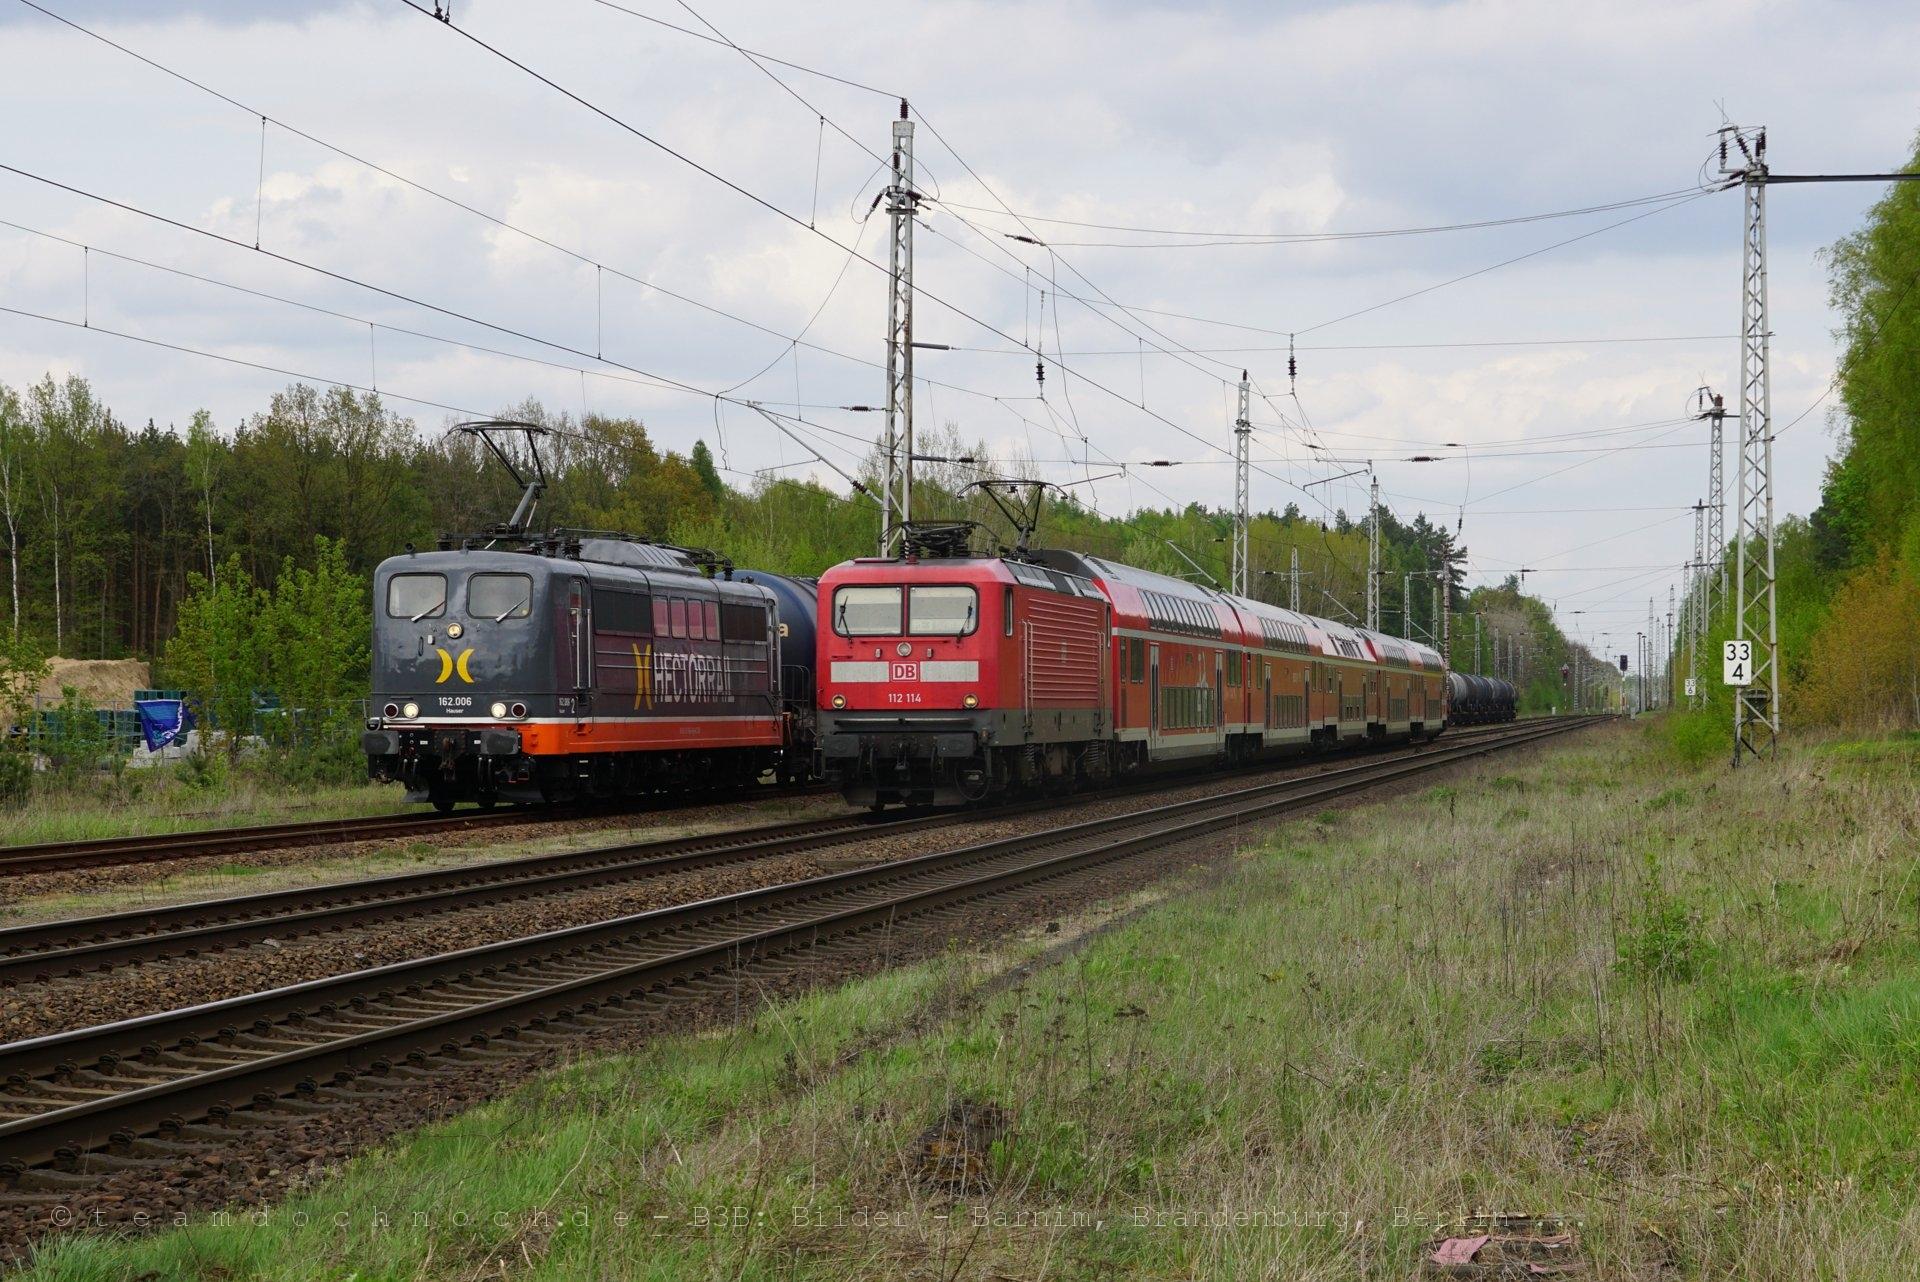 RE3 mit 112 114 überholt Hectorrail 162.006 in Biesenthal